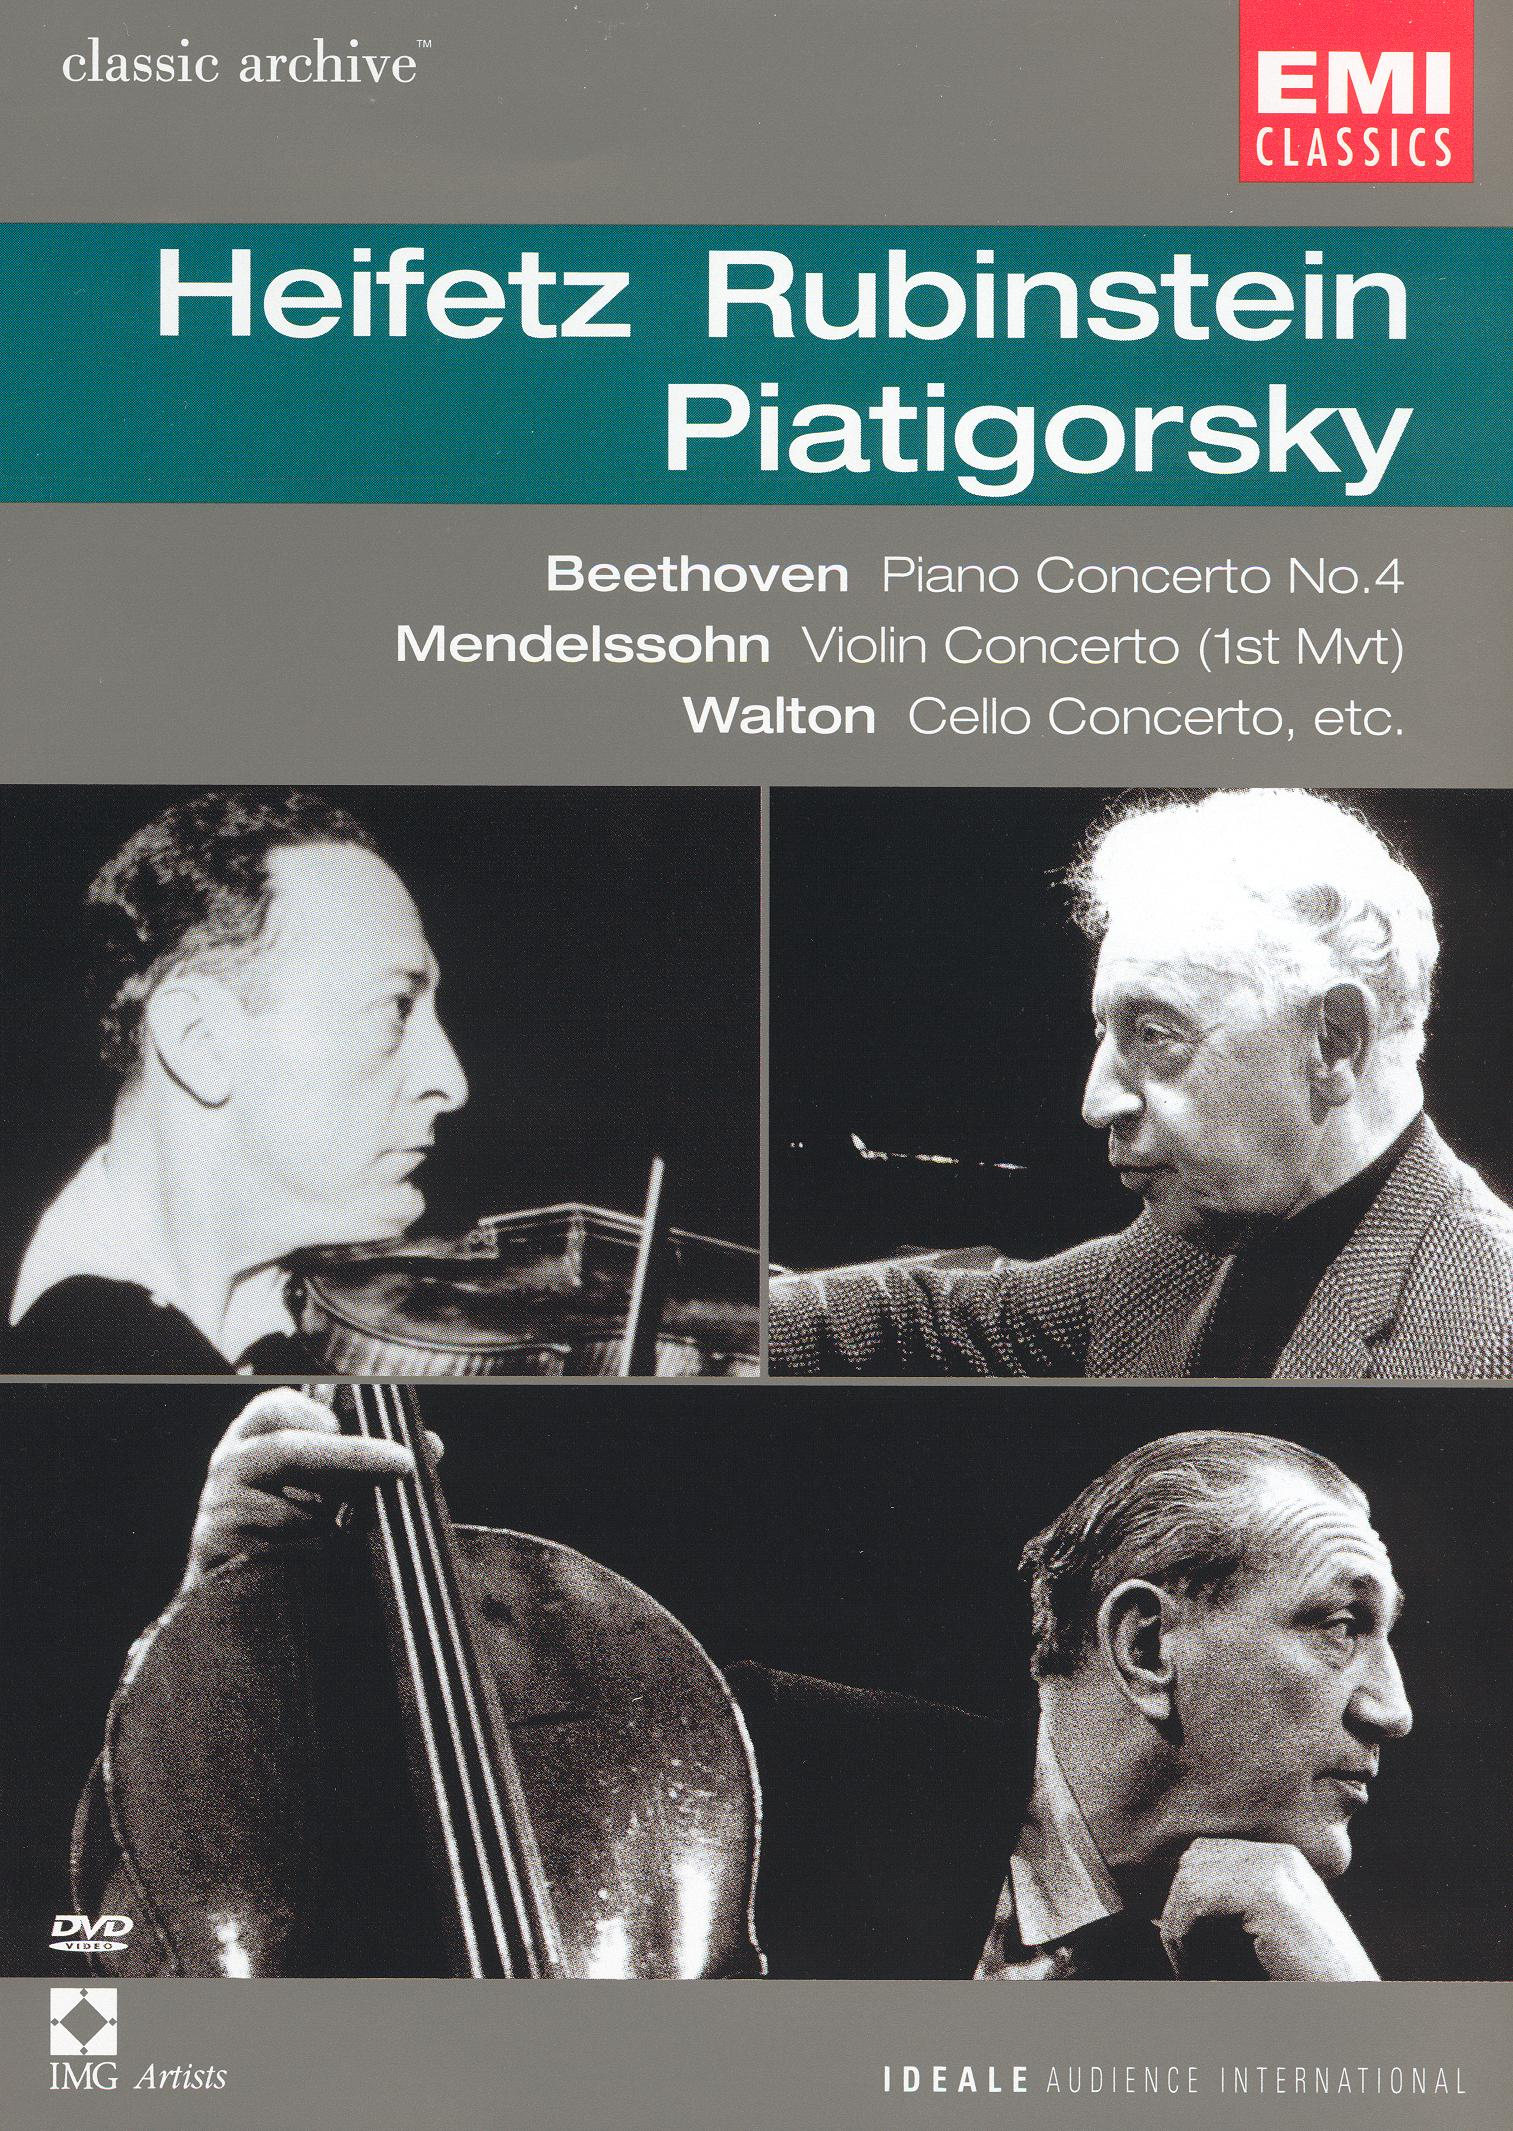 Classic Archive: Heifetz/Rubinstein/Piatigorsky